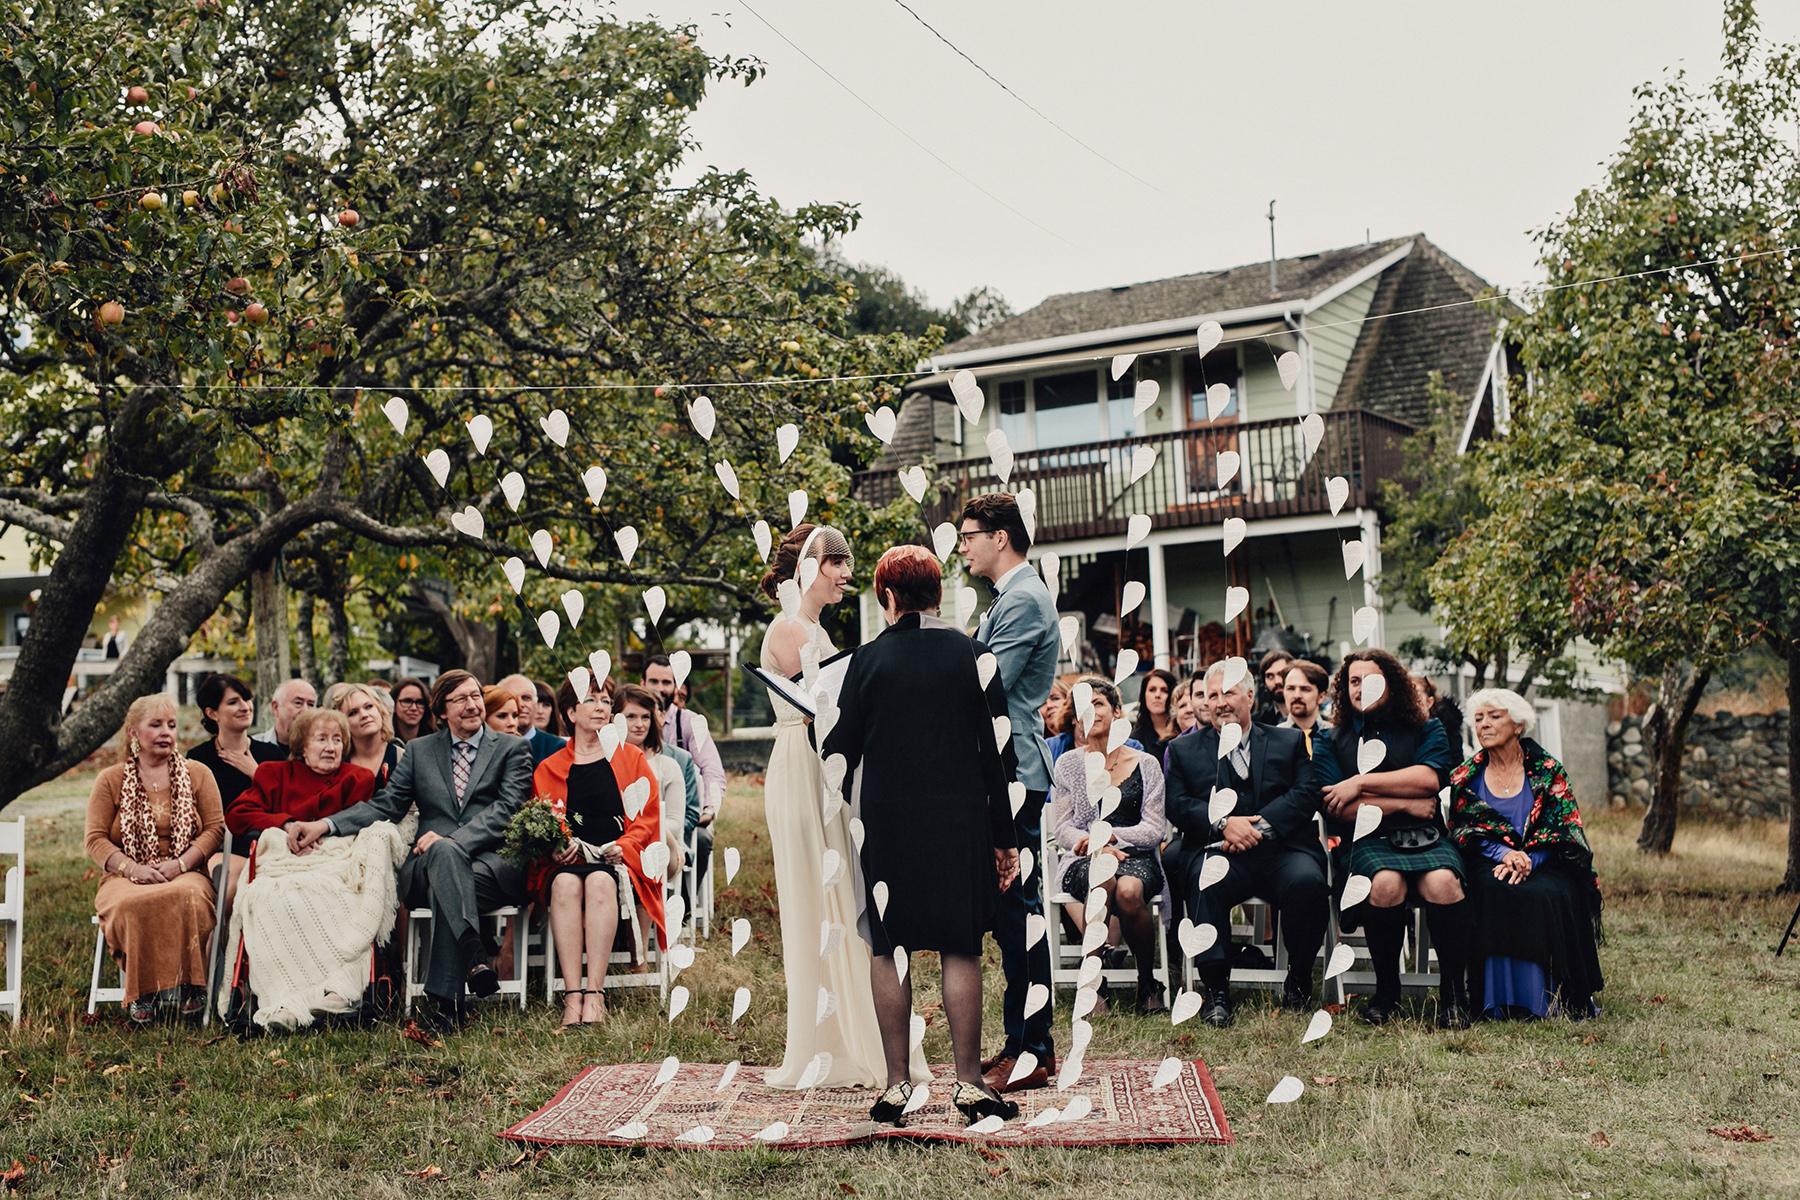 Glenrosa-Farms-Wedding-Photos-0226.jpg